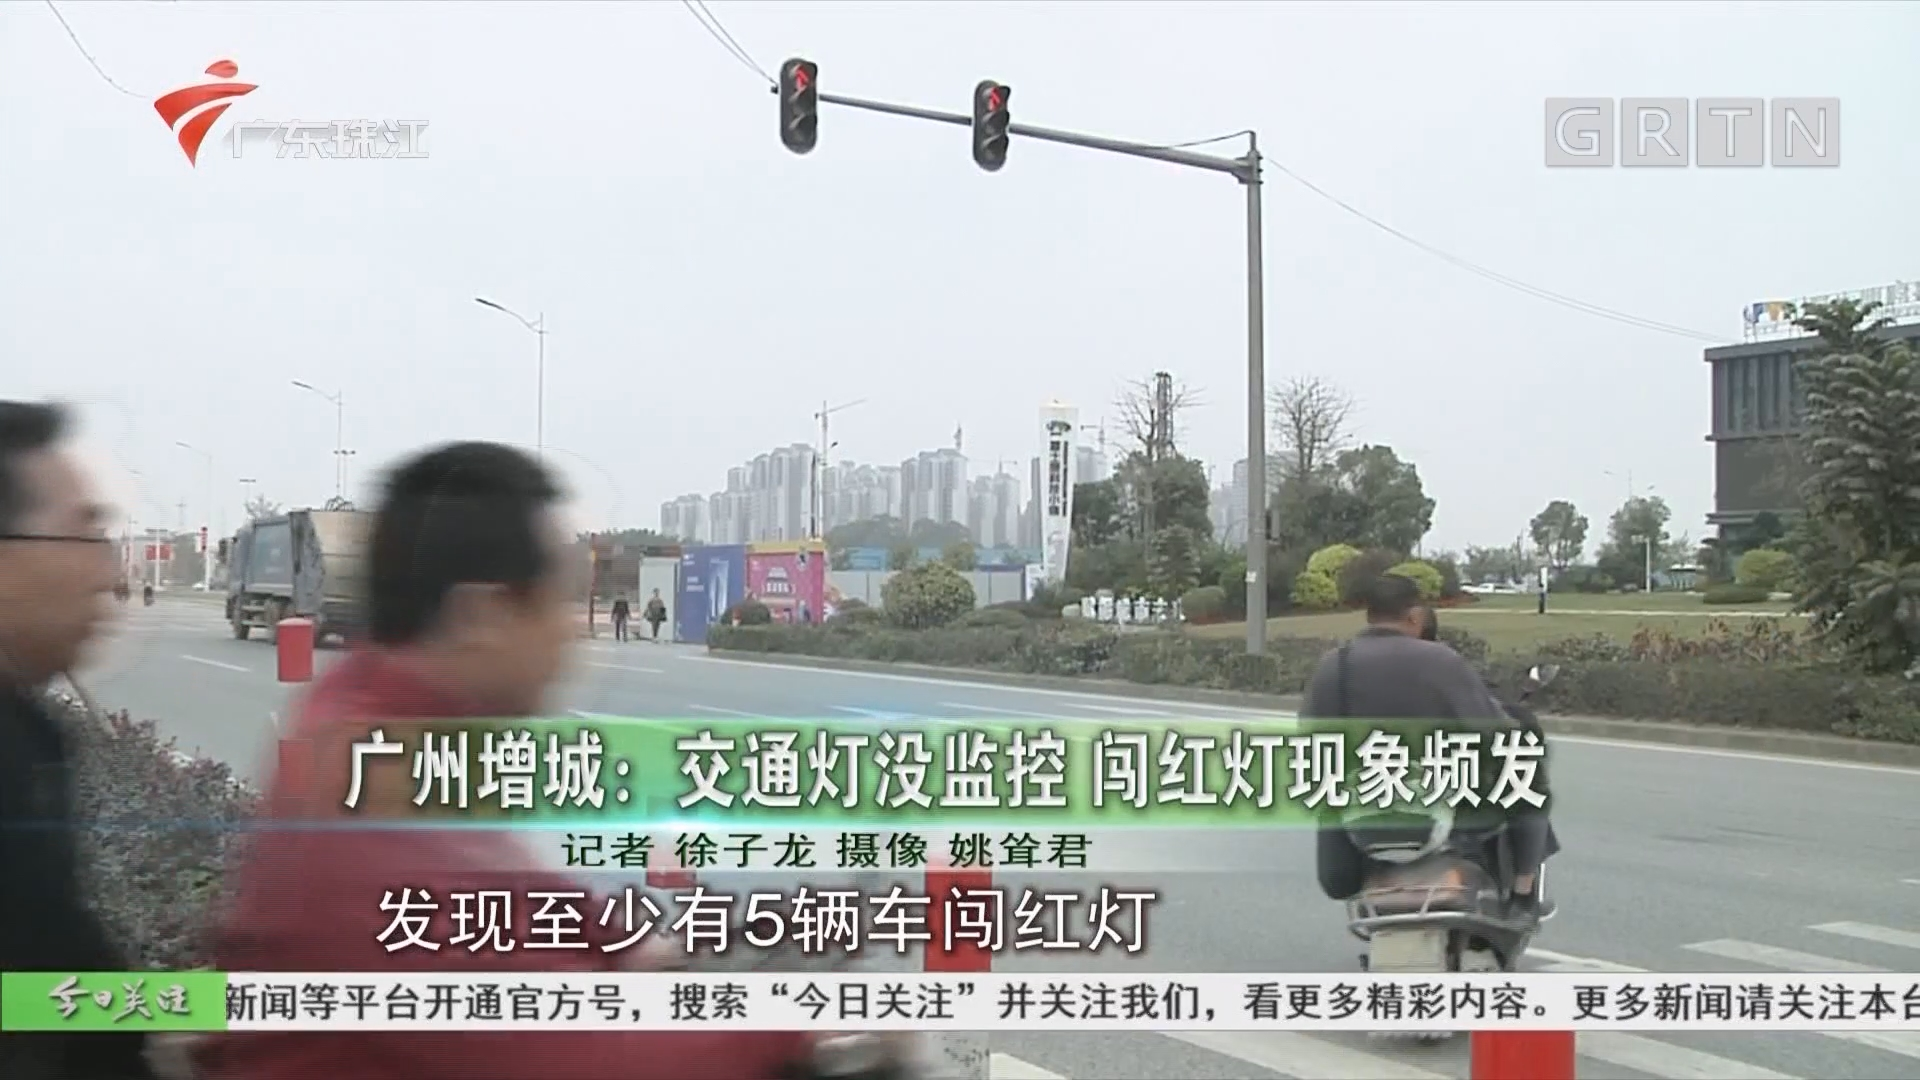 廣州增城:交通燈沒監控 闖紅燈現象頻發